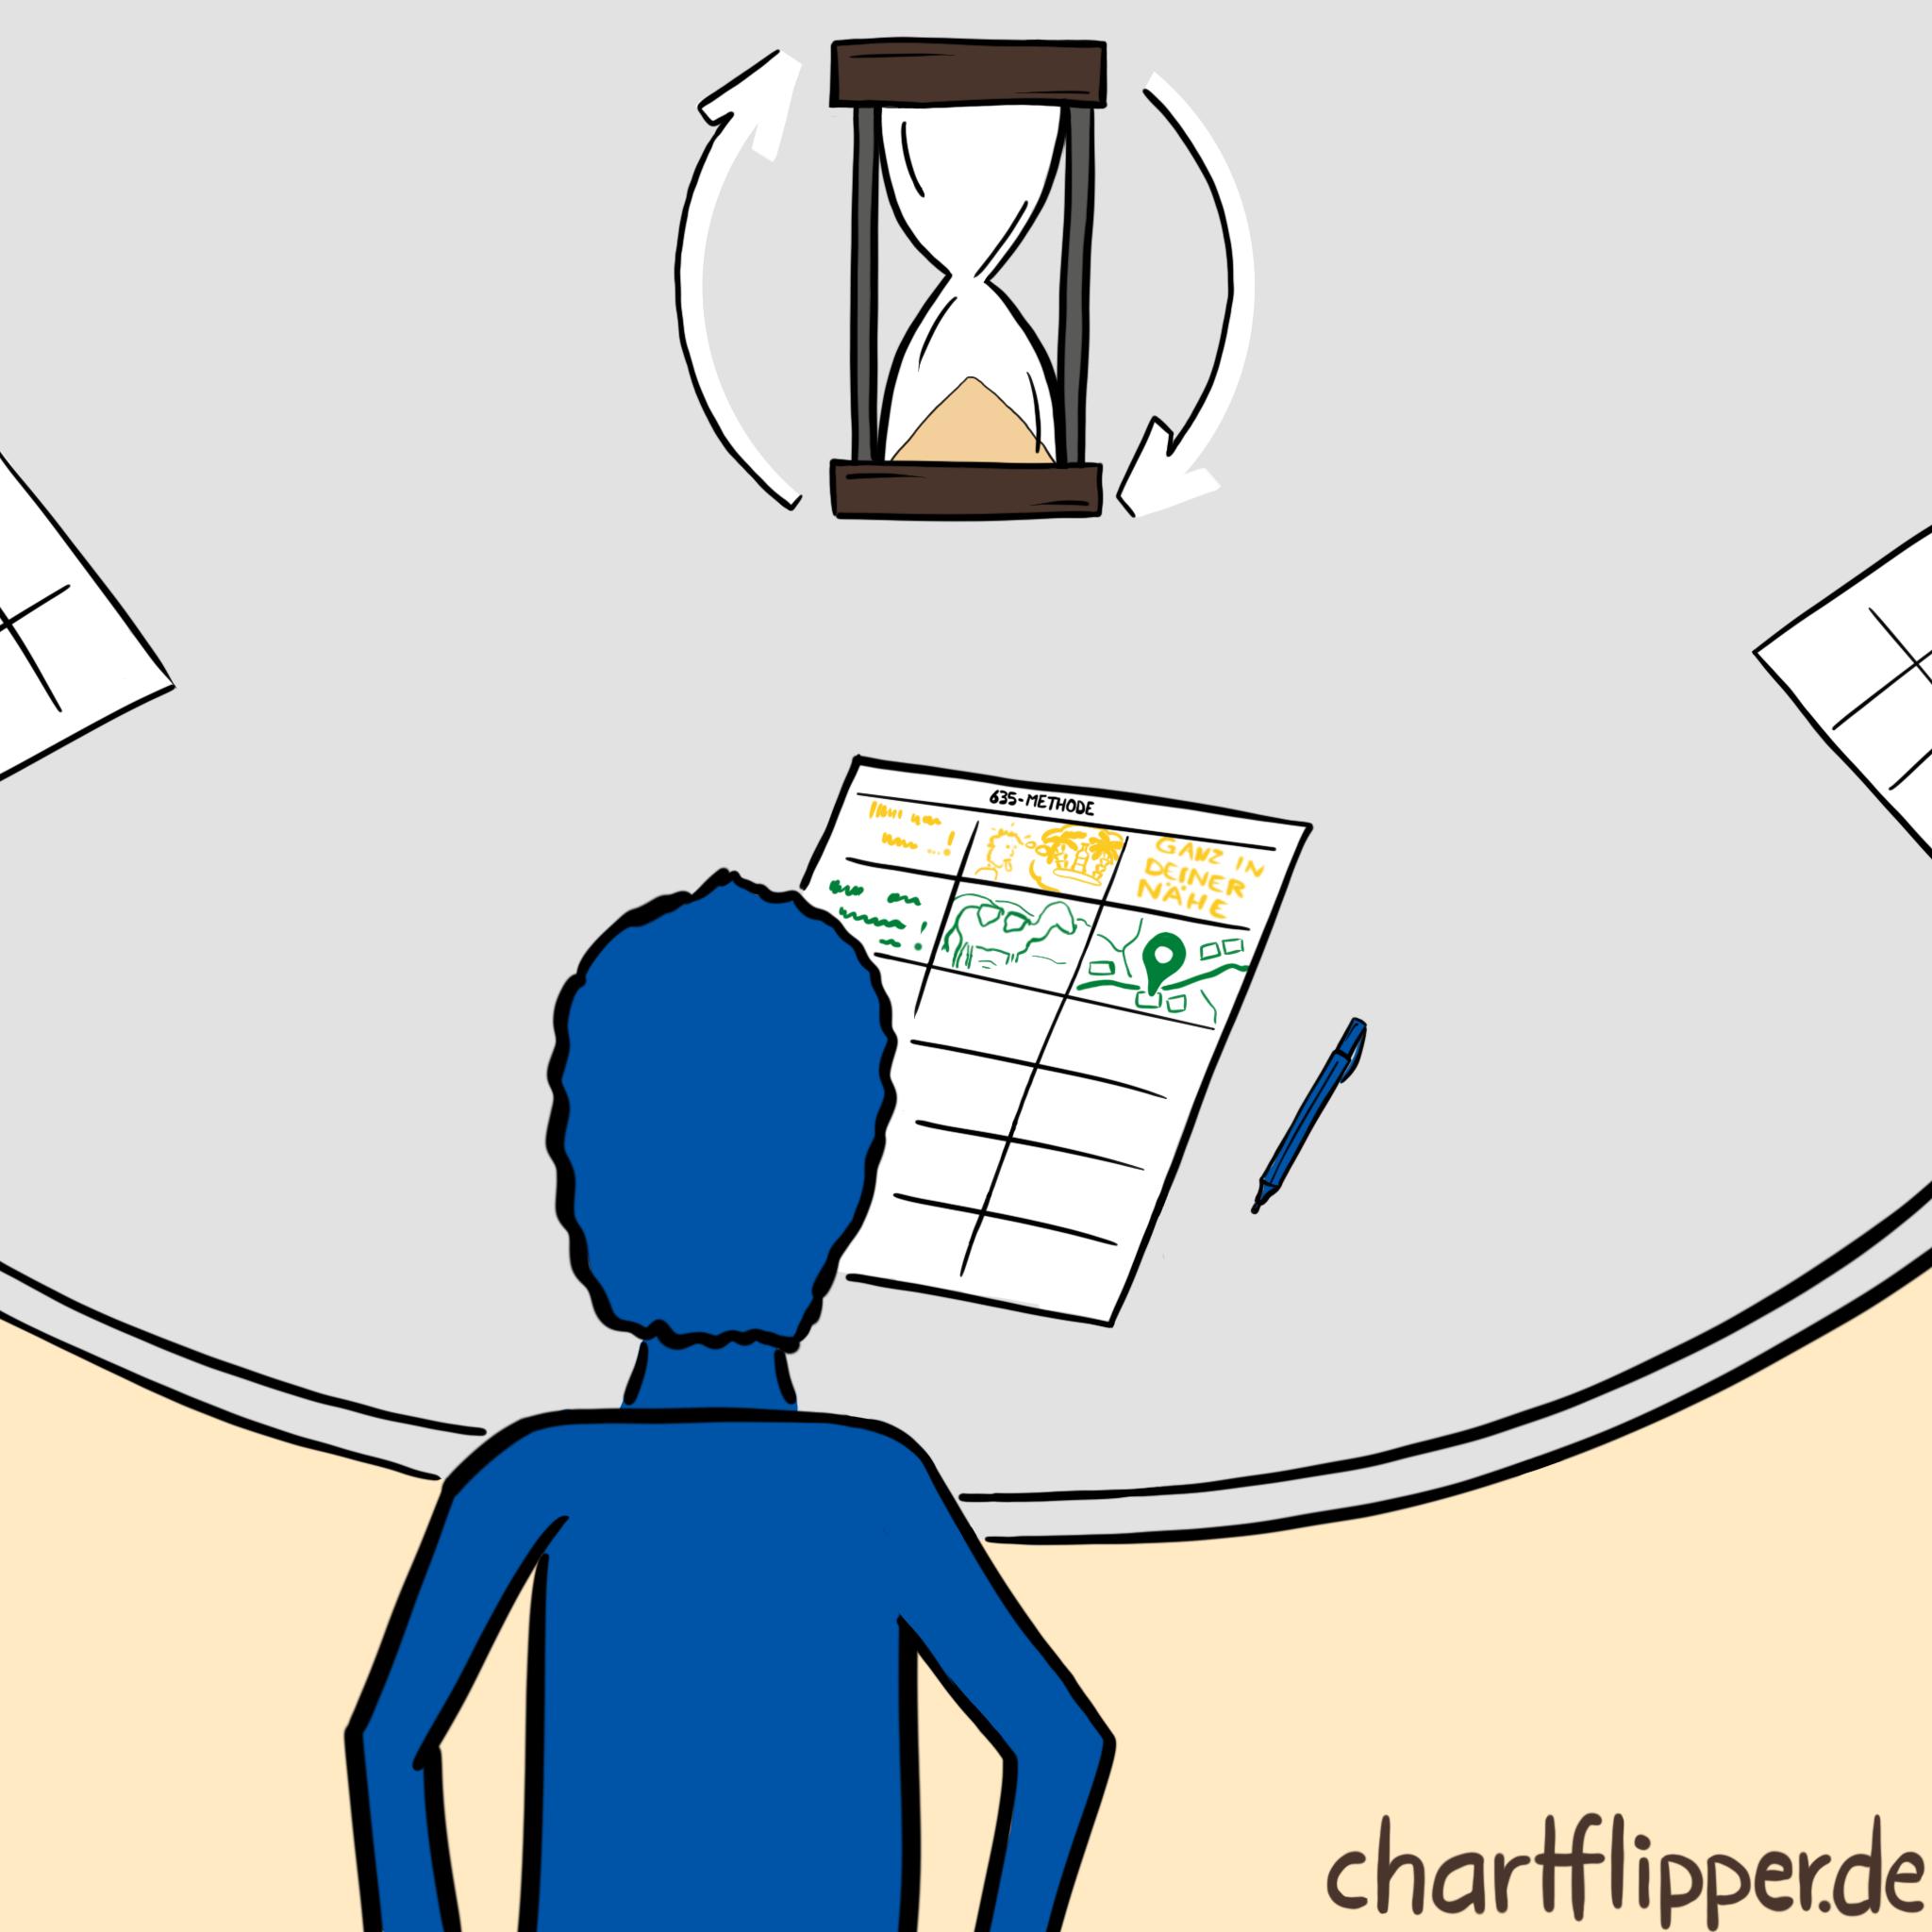 Jede Phase der 635 Methode dauert 5 Minuten und beginnt direkt nach dem Ende der vorhergehenden.